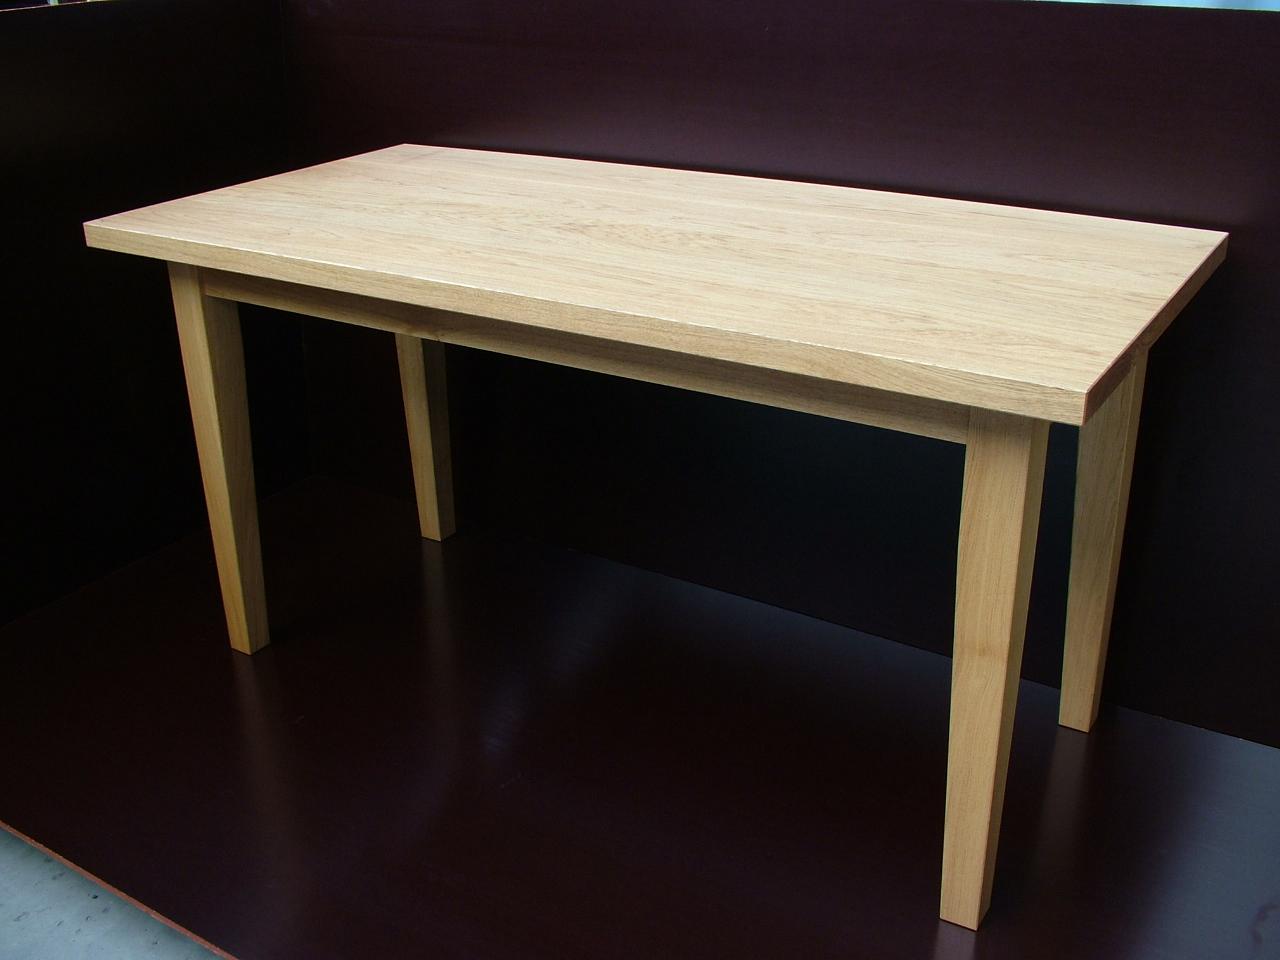 tavoli da cucina design 1 0 5 0 pezzi all 39 anno